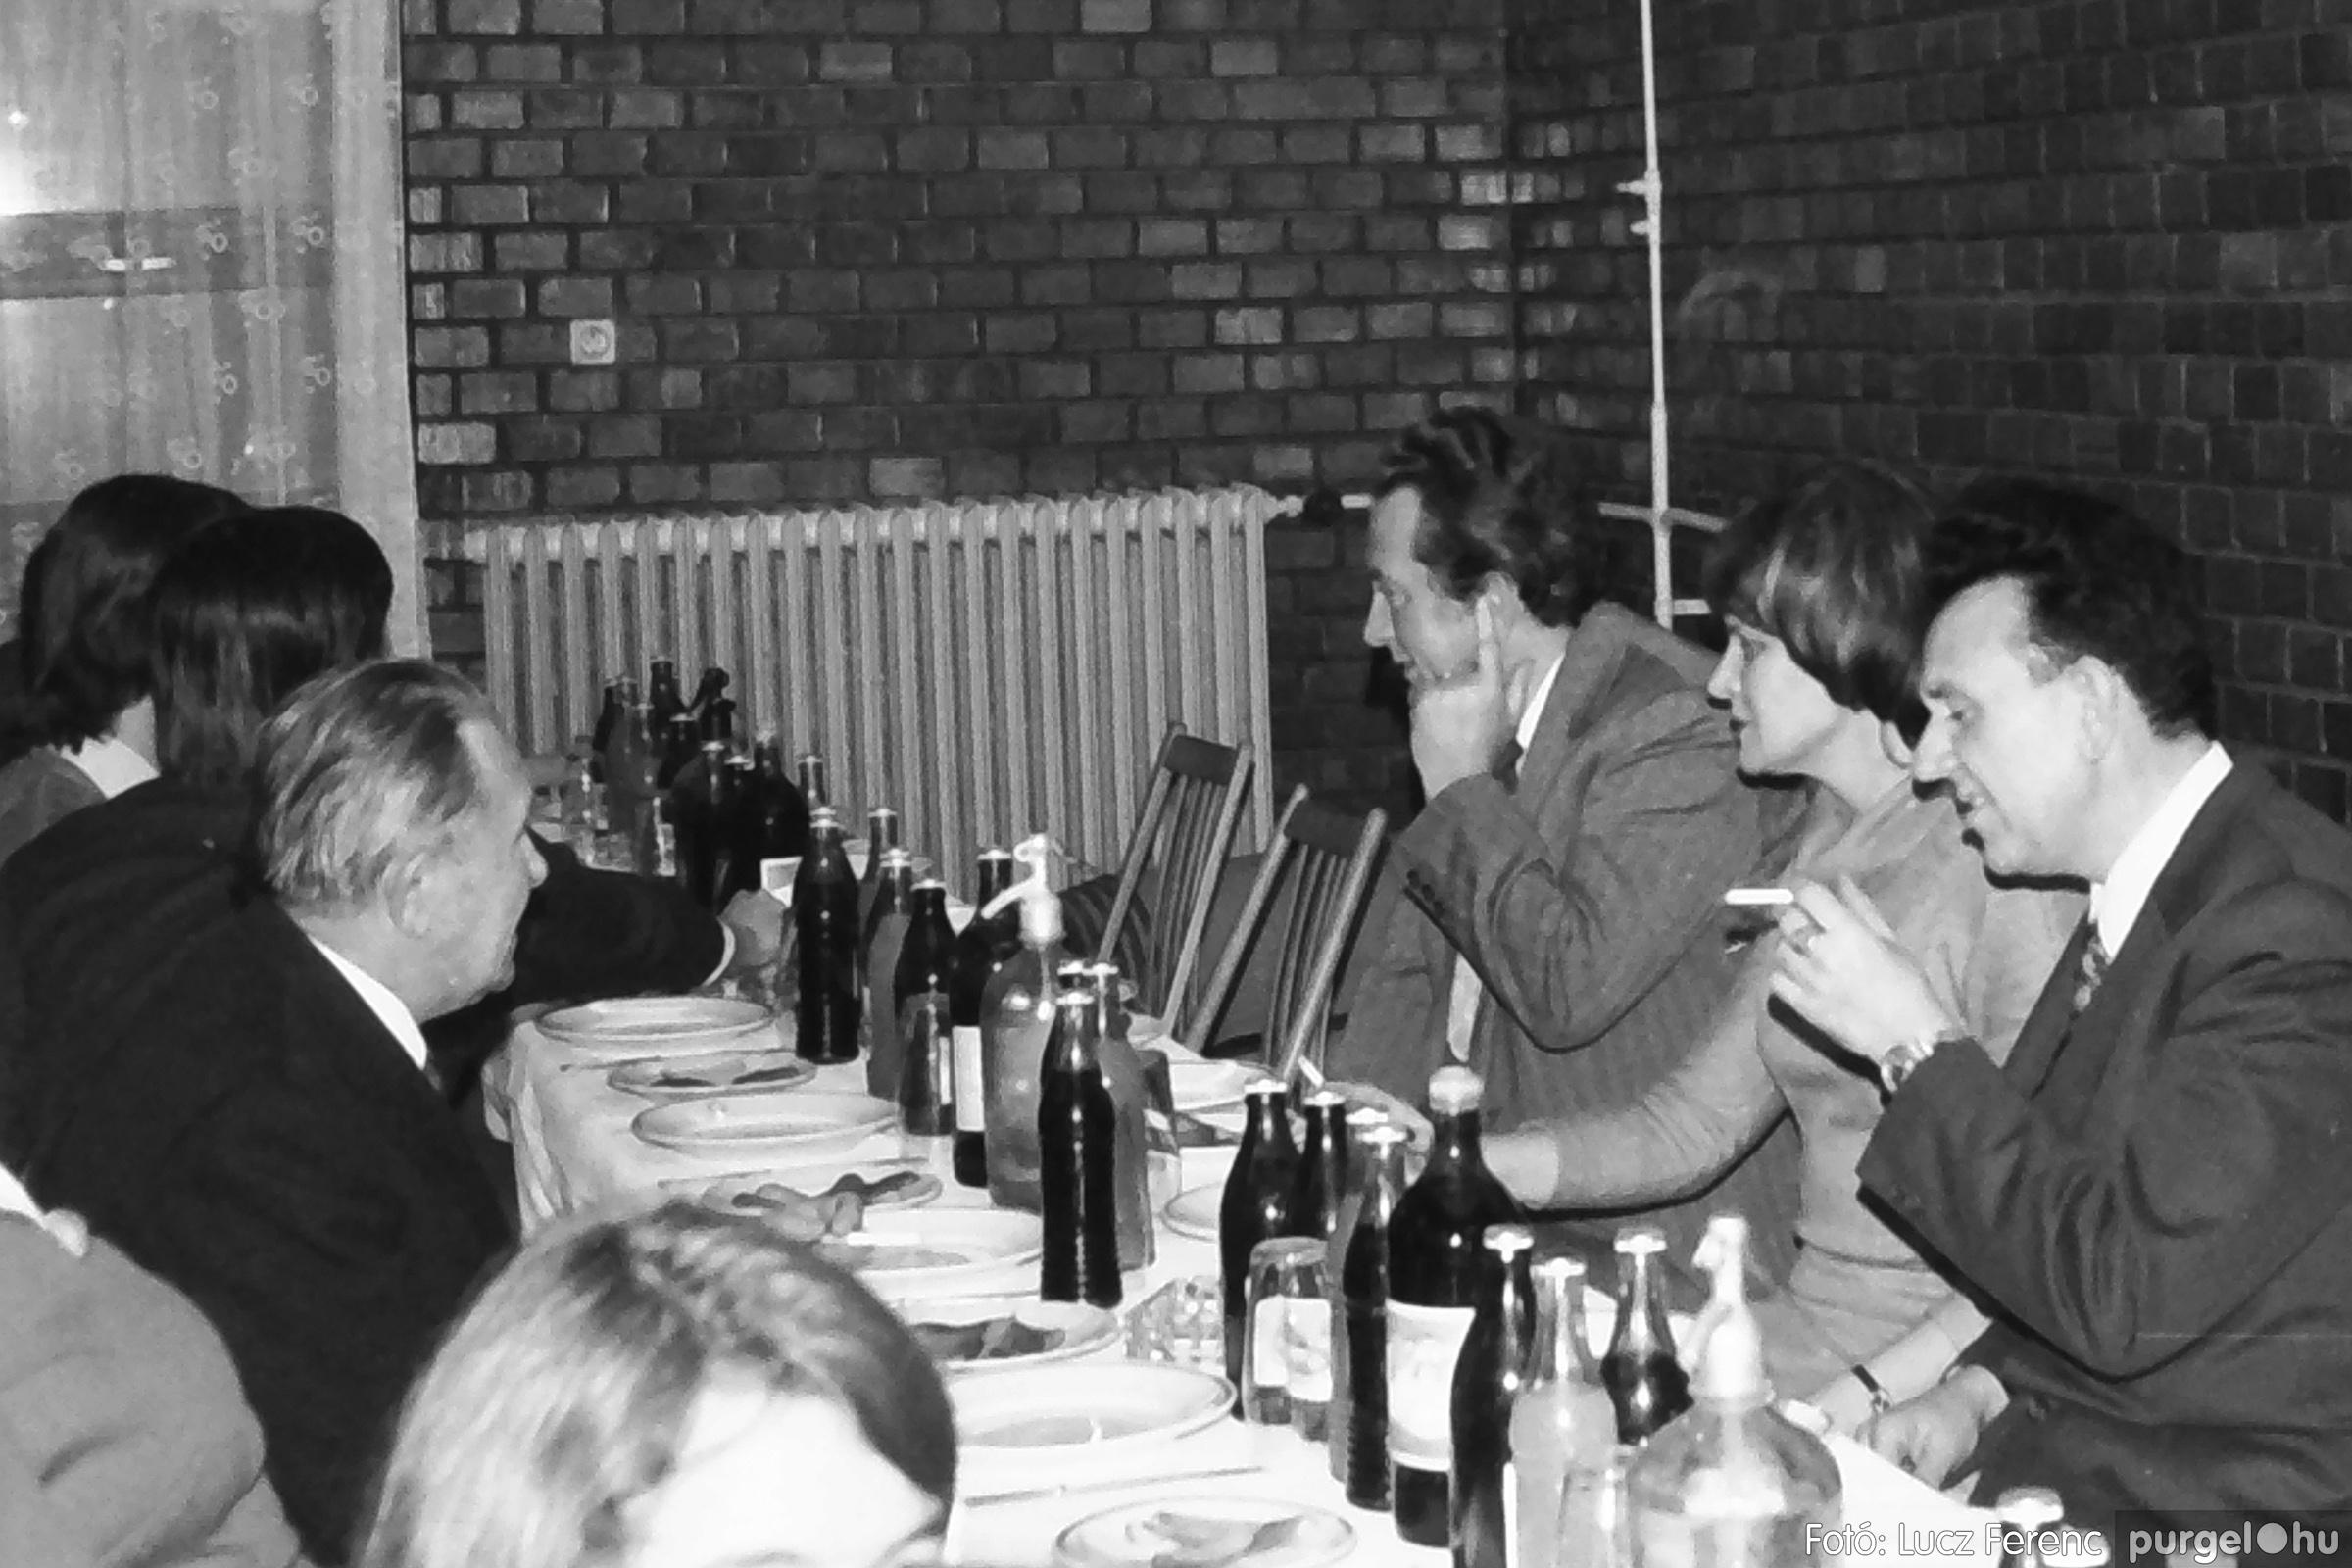 066-067. 1976. A Herkulesfürdői emlék című film ősbemutatója Szegváron 022. - Fotó: Lucz Ferenc.jpg